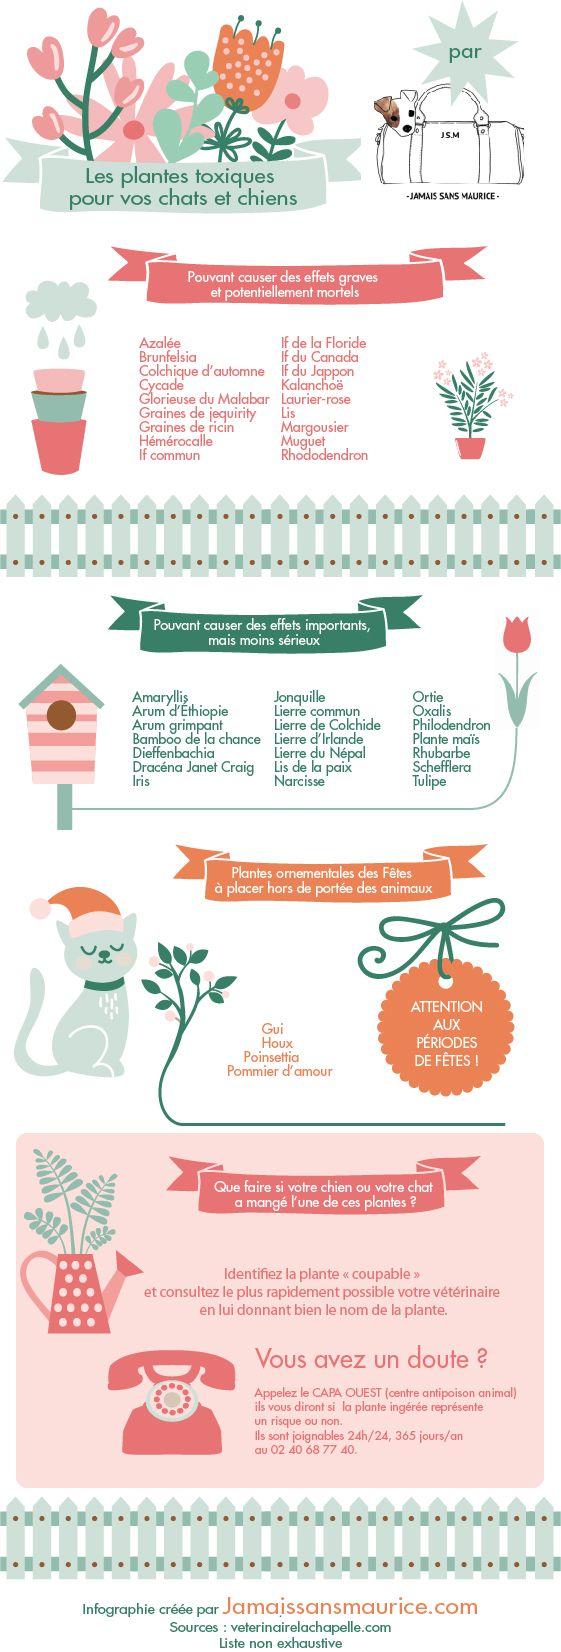 Les plantes toxiques pour chats et chiens superbe - Plantes toxiques non toxiques chien chat ...